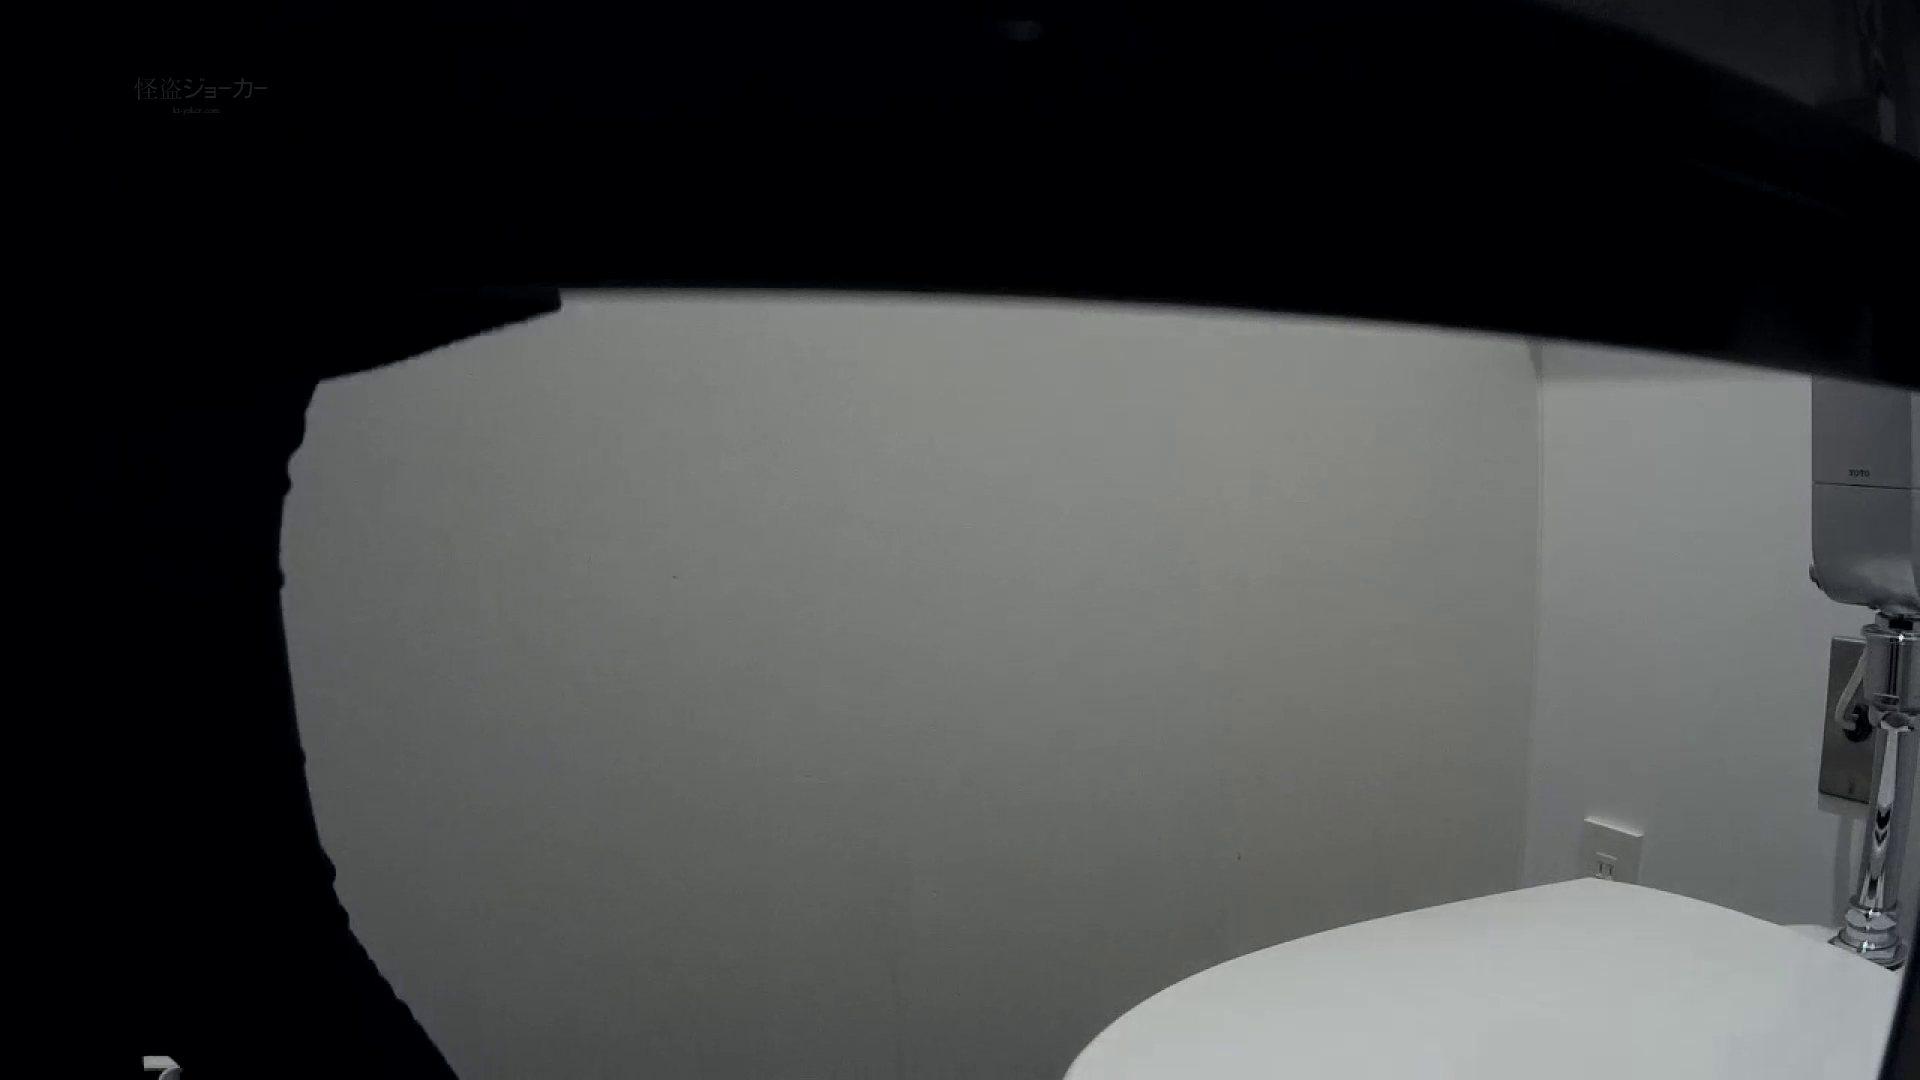 有名大学女性洗面所 vol.54 設置撮影最高峰!! 3視点でじっくり観察 ギャル攻め オメコ無修正動画無料 76画像 22